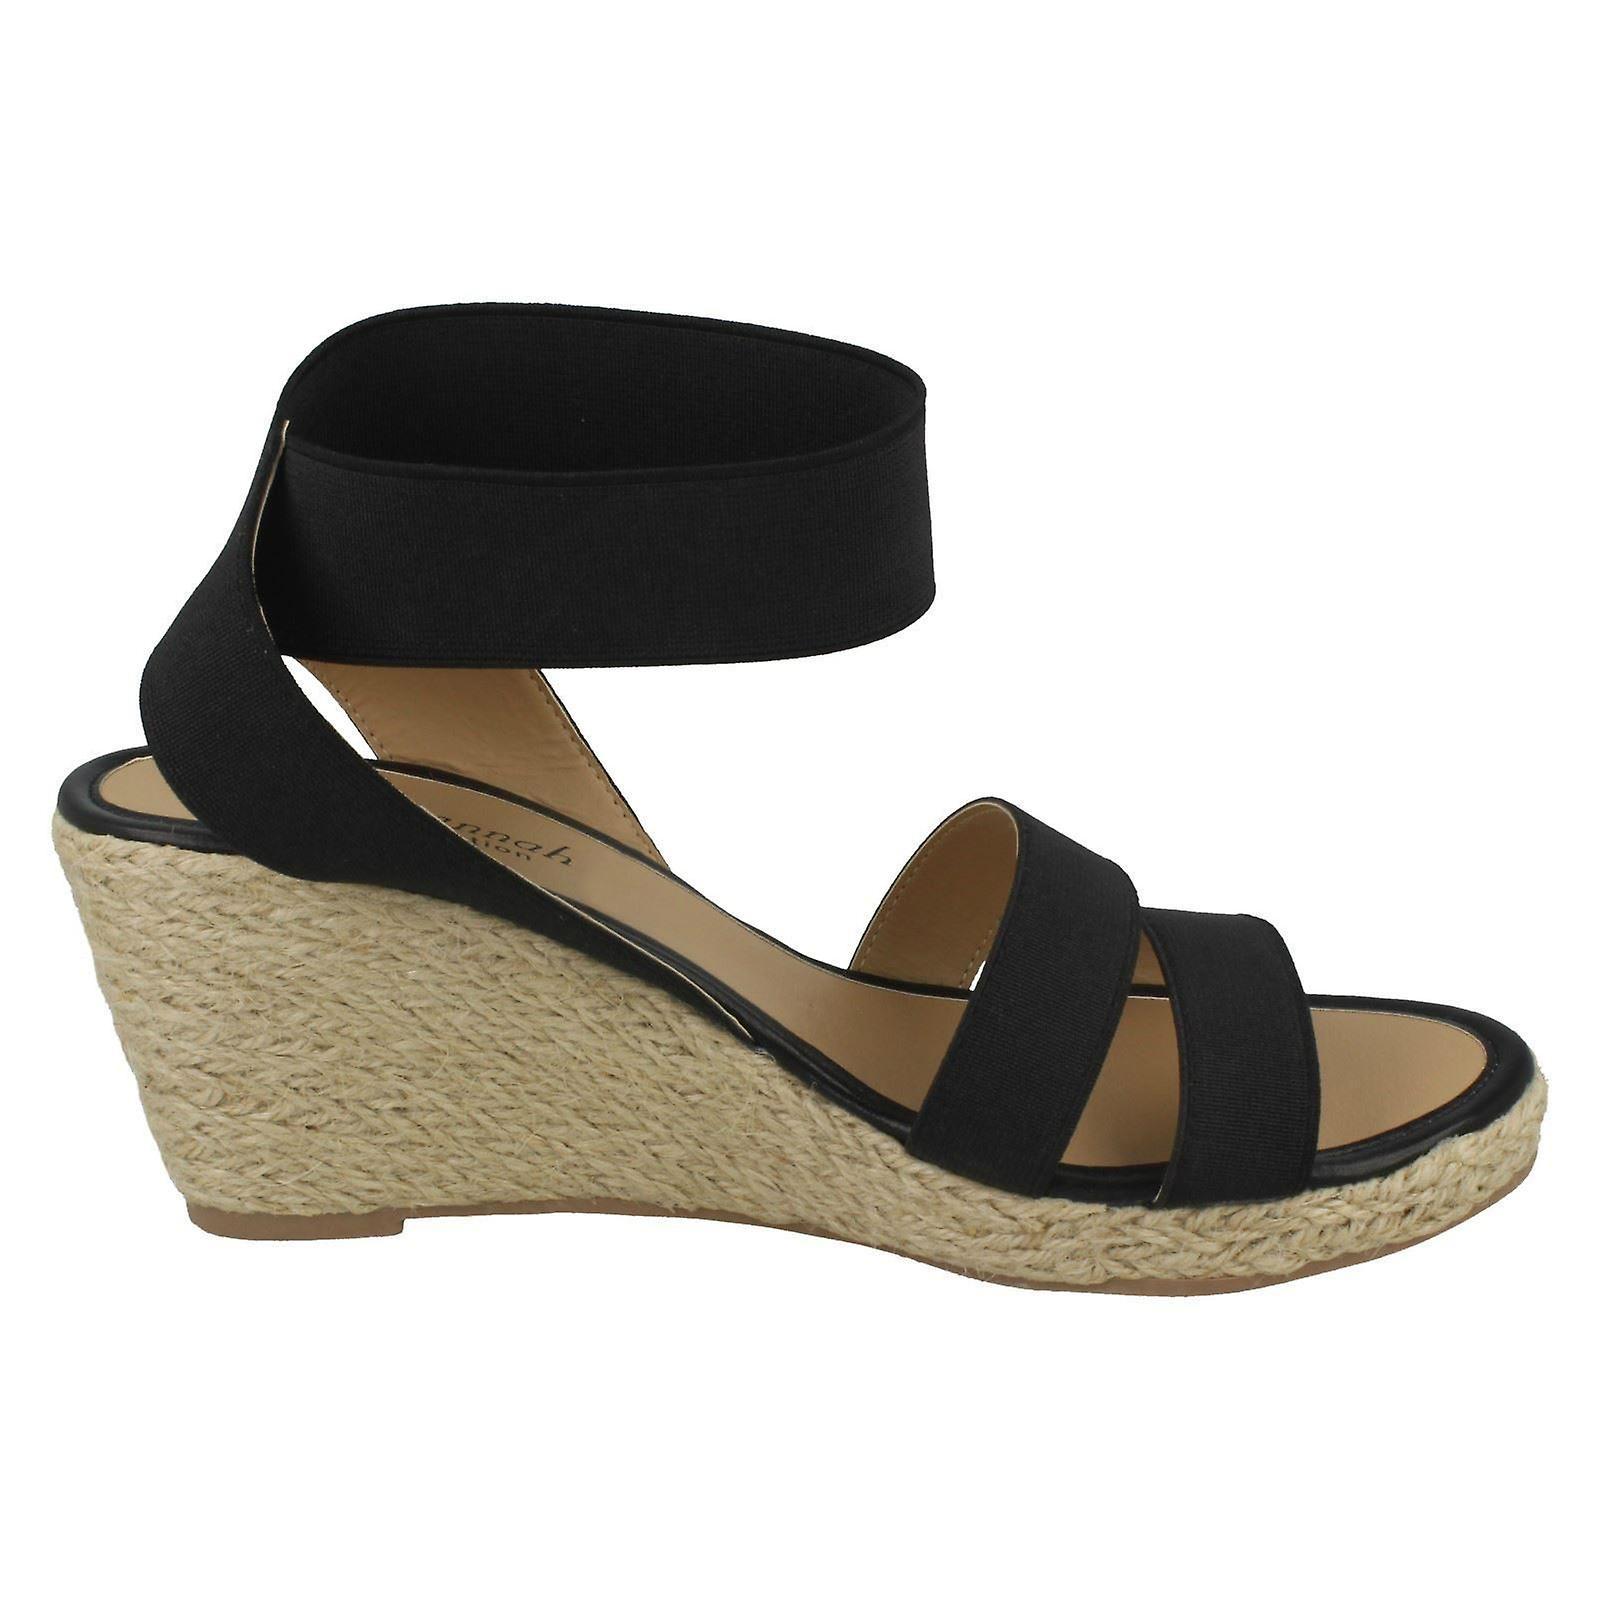 Ladies Savannah Elastic Ankle Strap Wedges